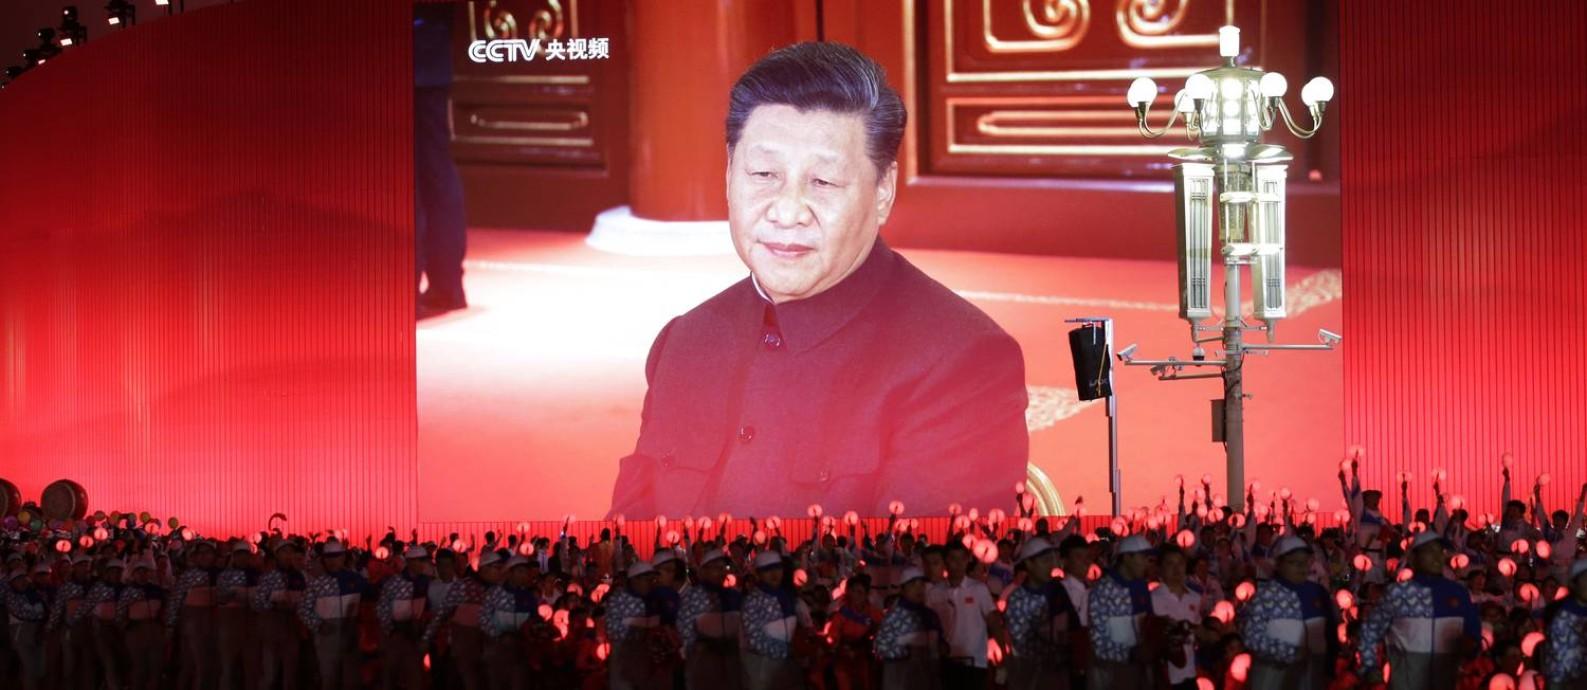 O presidente chinês, Xi Jinping, aparece em um telão durante a parada civil que se seguiu ao desfile militar em Pequim Foto: JASON LEE / REUTERS